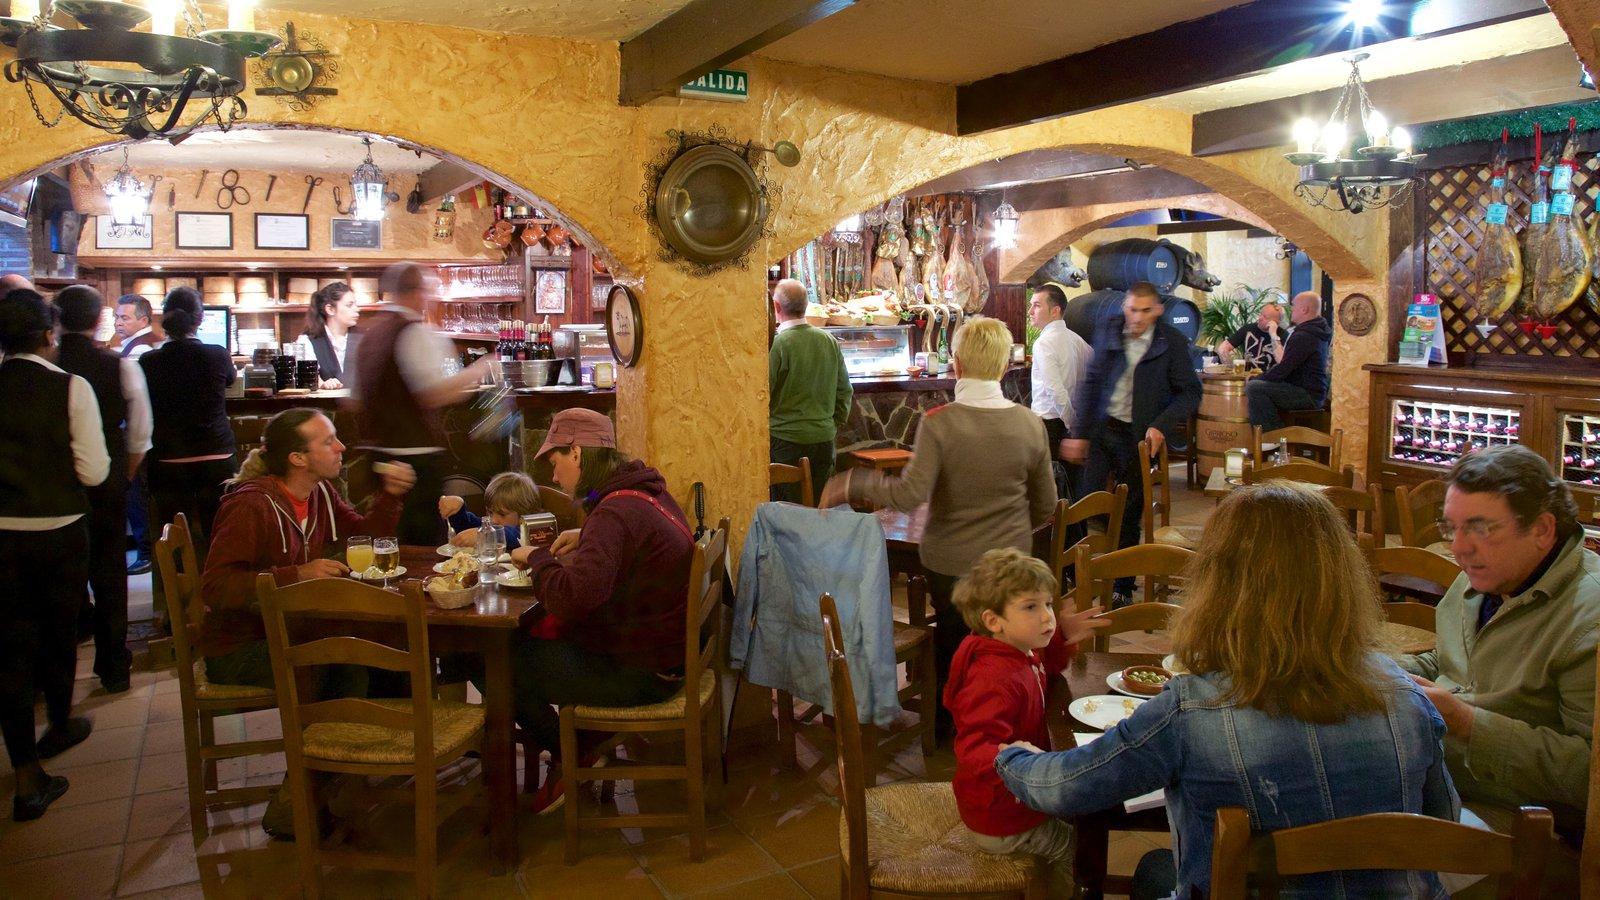 Marbella que incluye vistas interiores y salir a cenar y también un gran grupo de personas